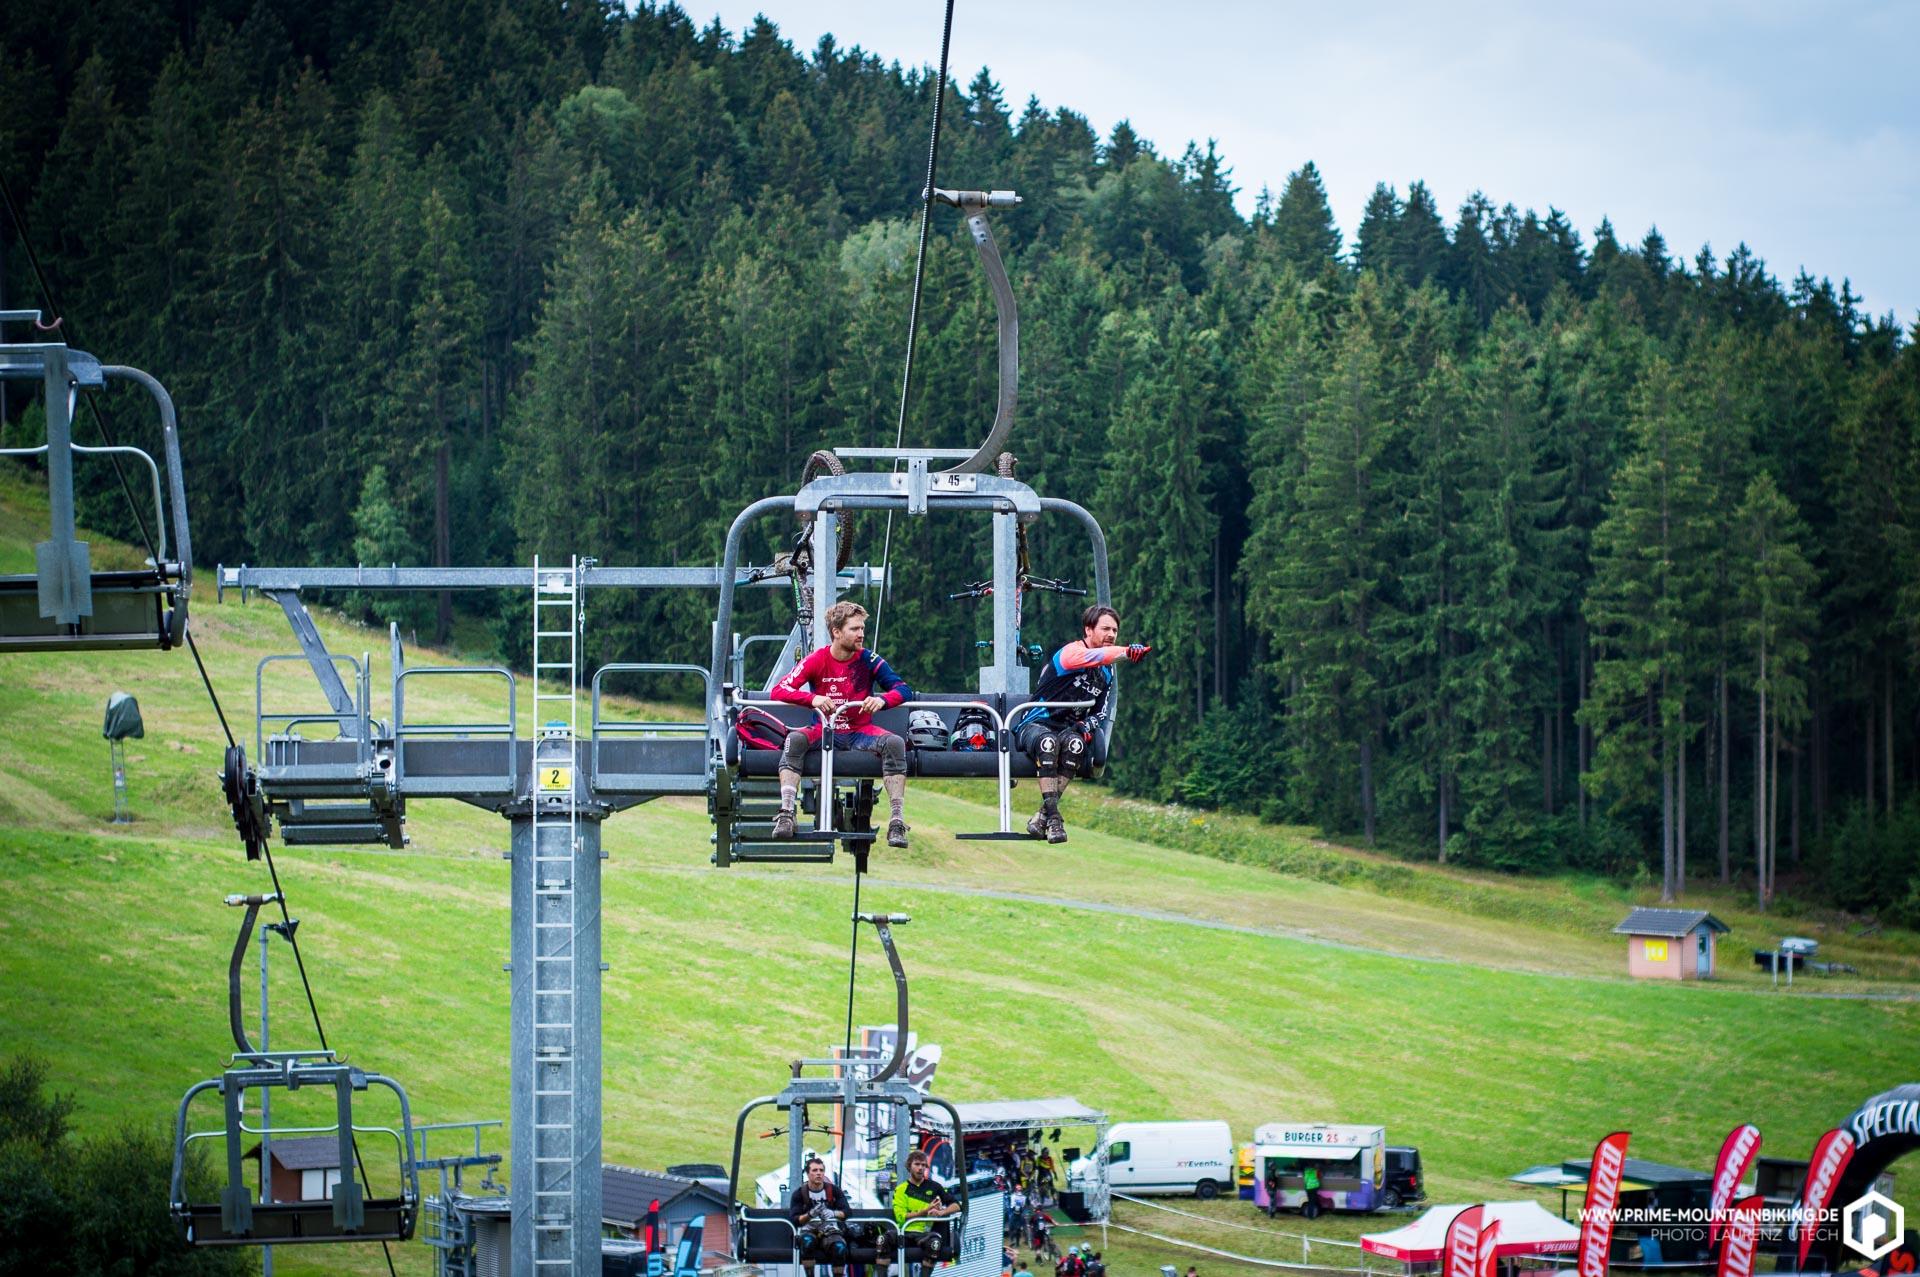 Der Lift durfte zwischen den Stages 4 und 5 genutzt werden. Max Schumann und André Wagenknecht nutzten diese Möglichkeit um die Strecke zu diskutieren.